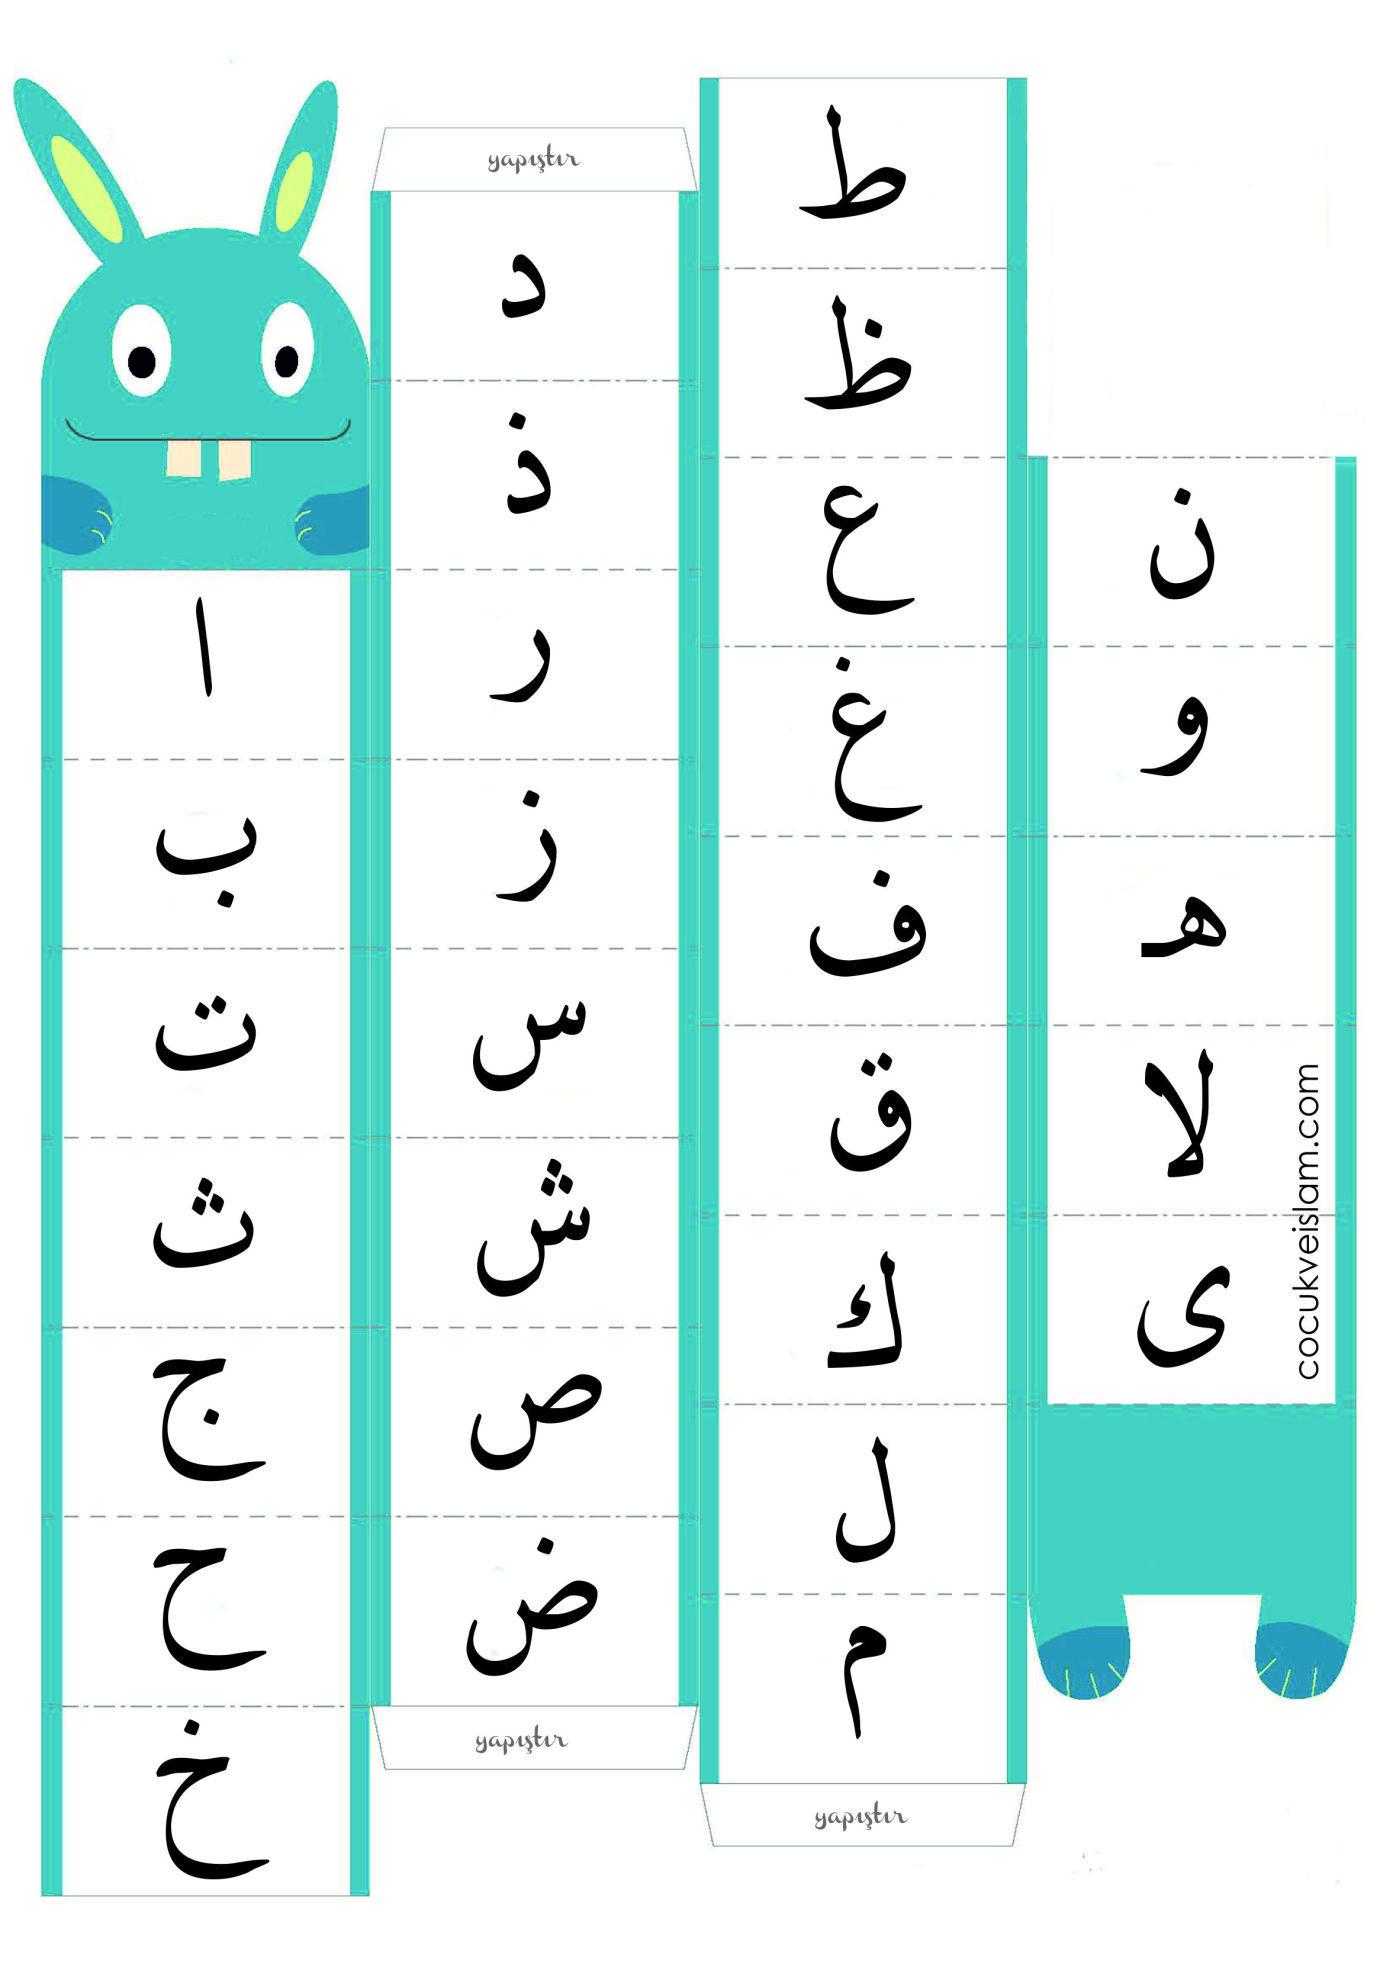 Arap Alfabesi Etkinliği Arap alfabesi, Harf, Harfleri